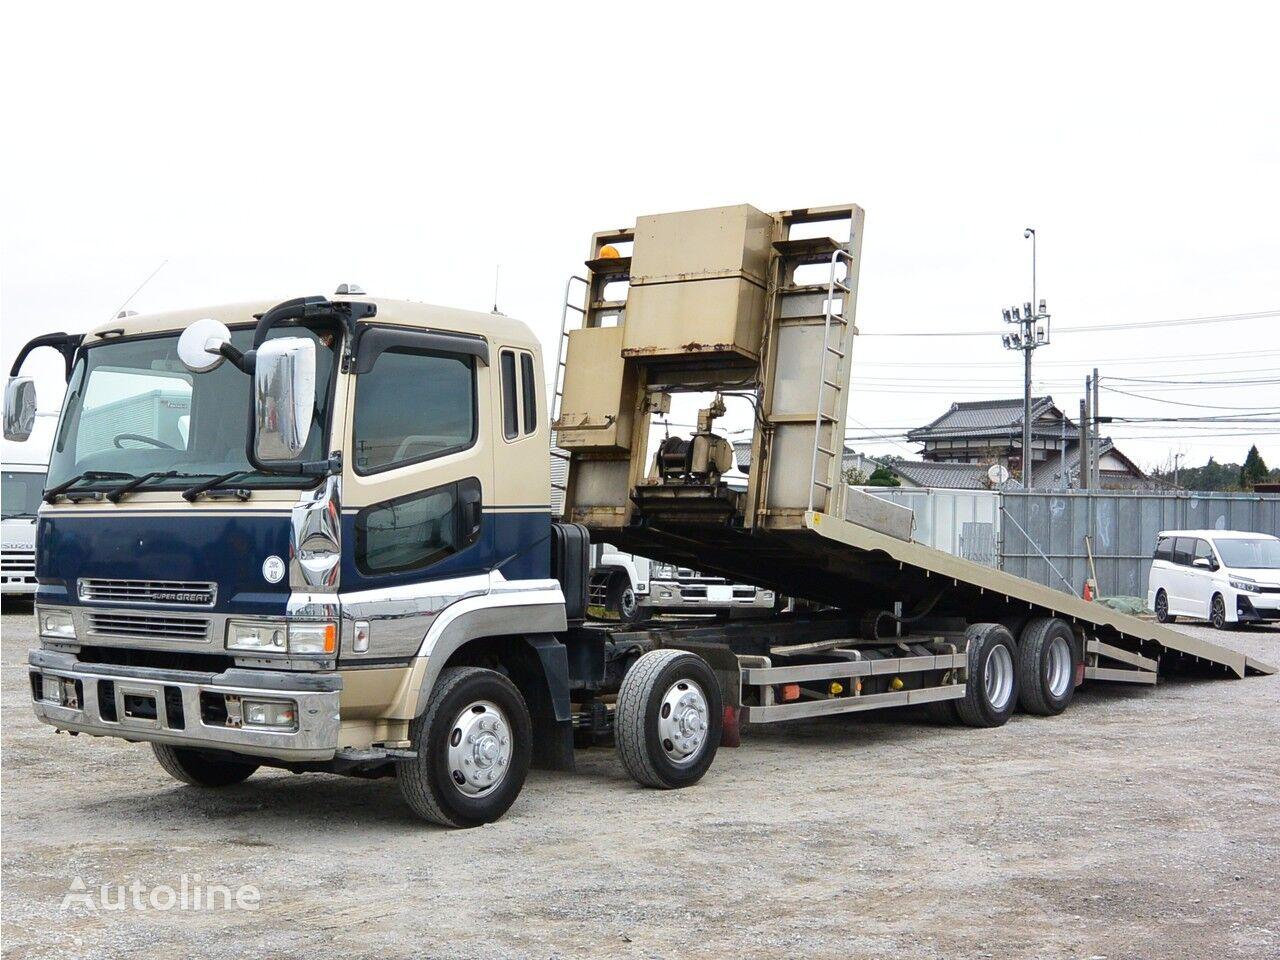 MITSUBISHI Super Great bjærgningskøretøj